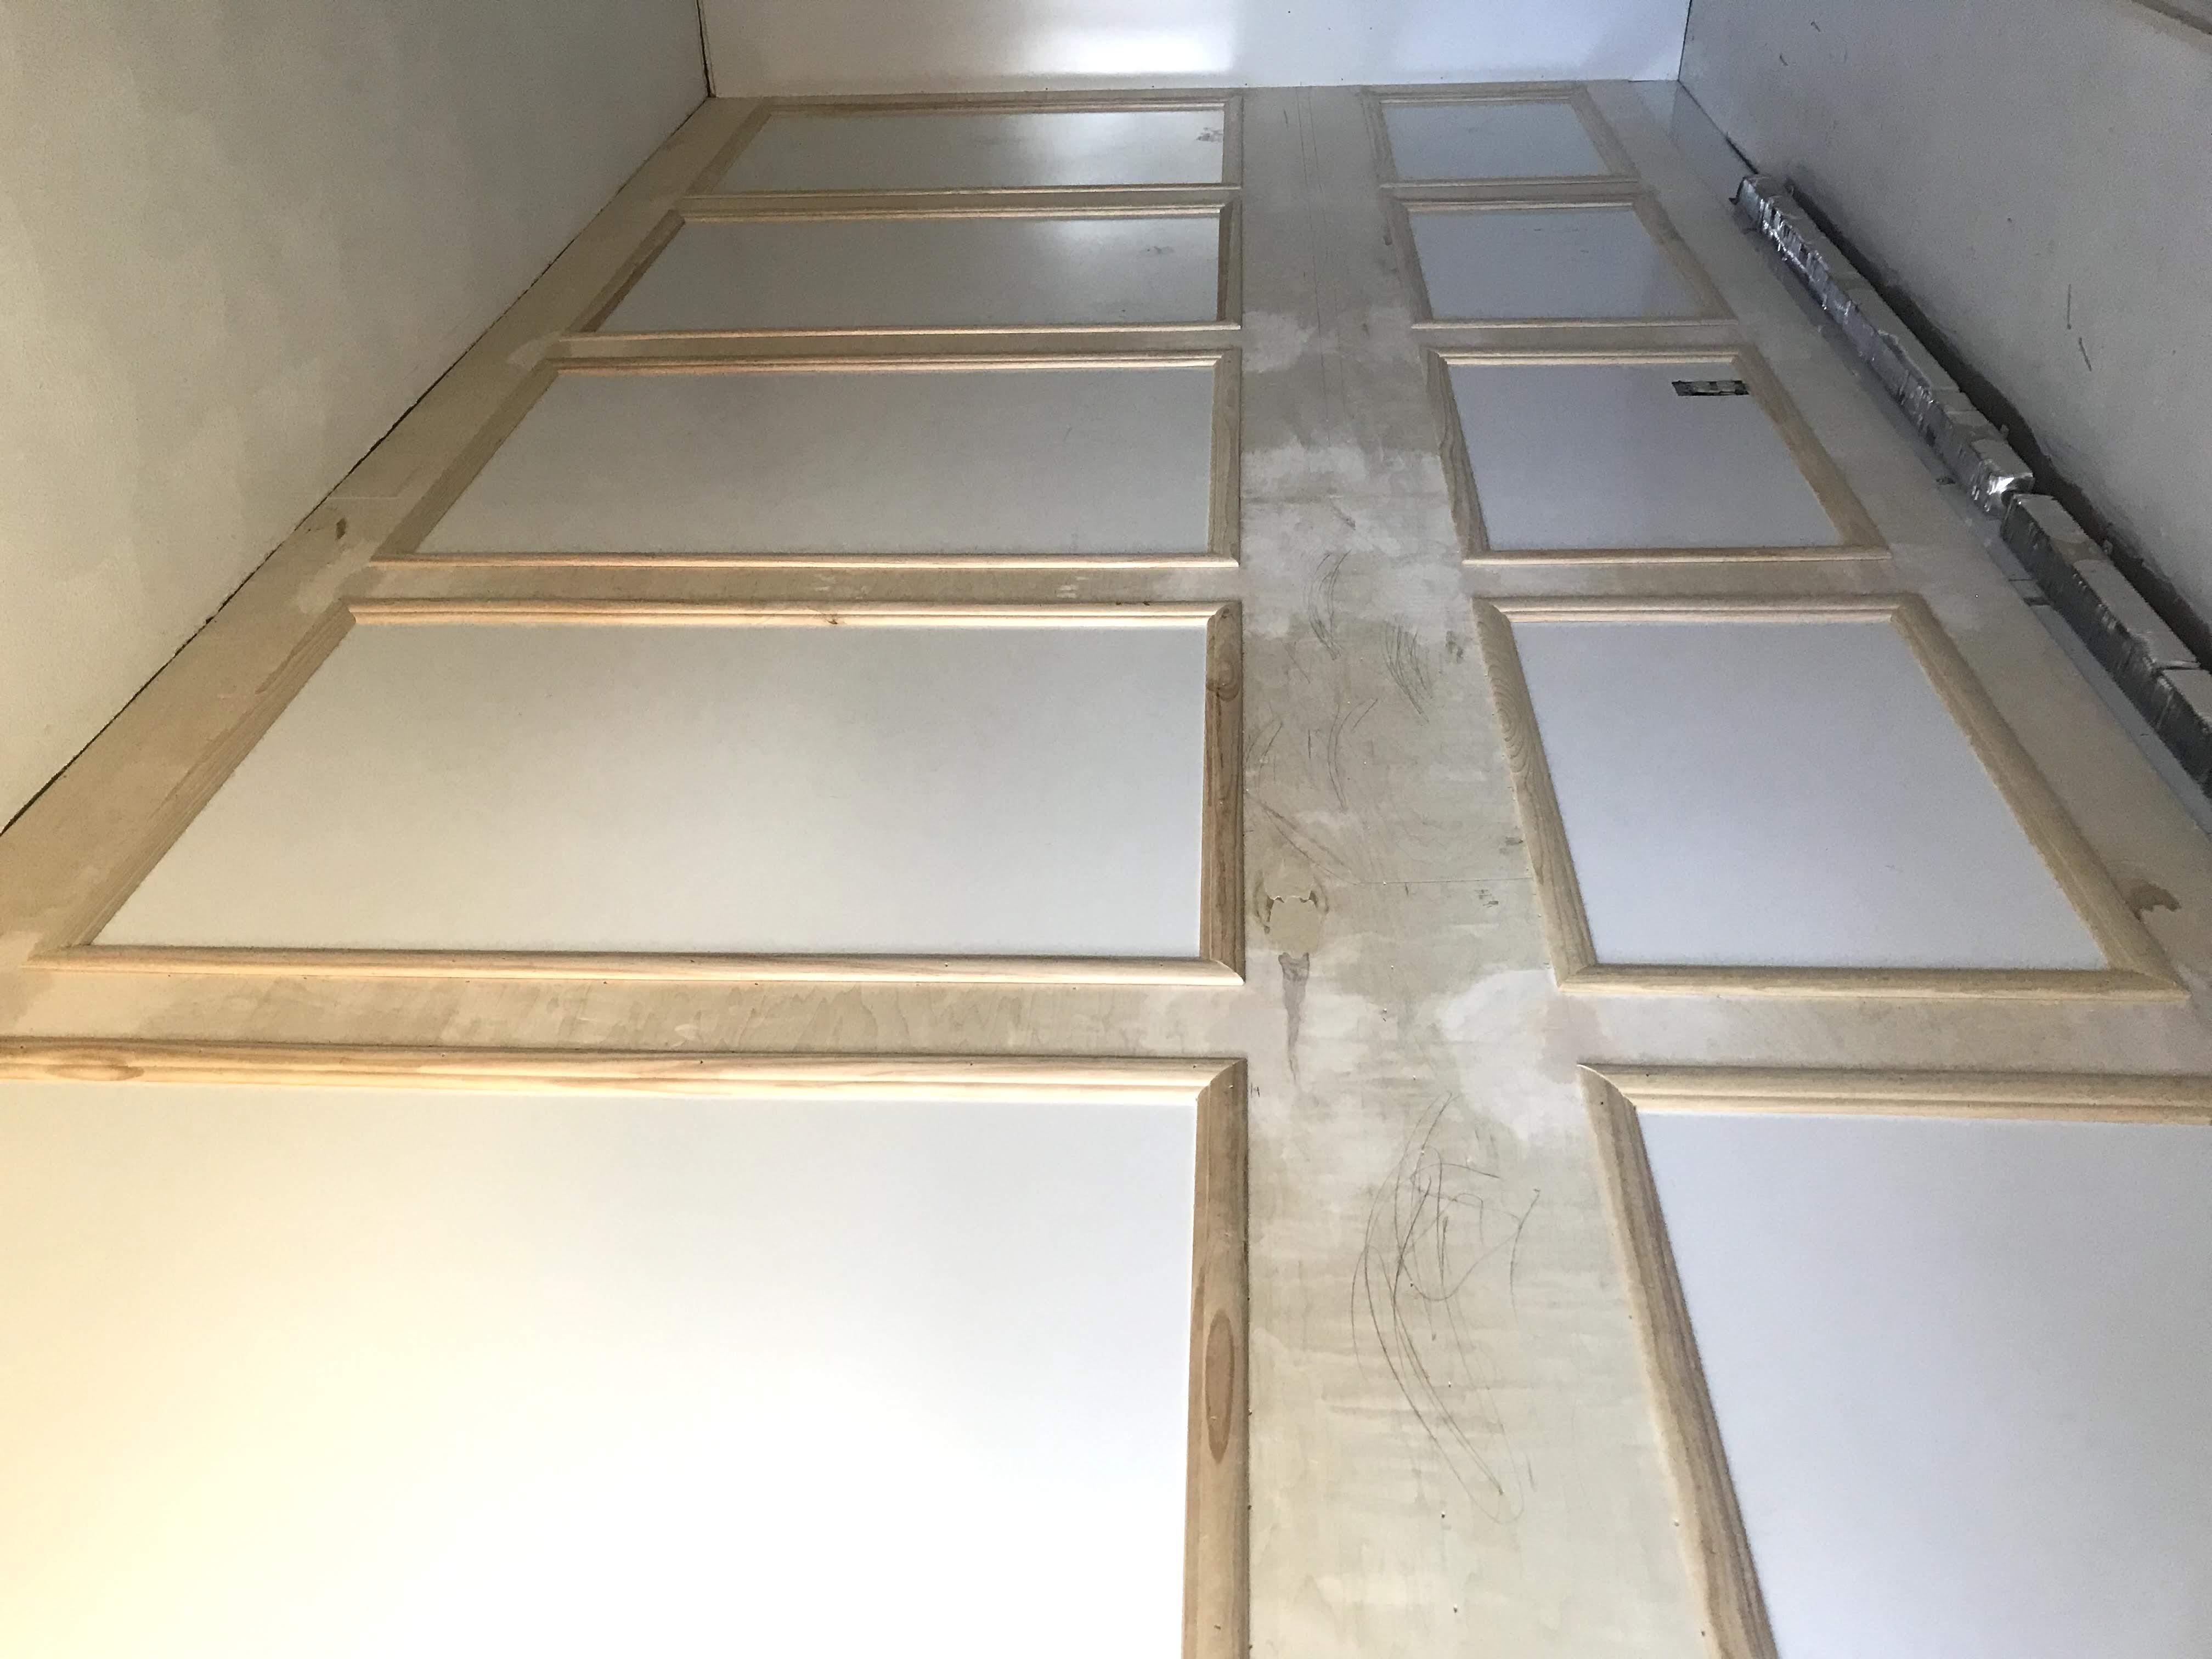 parisian wall panelings before